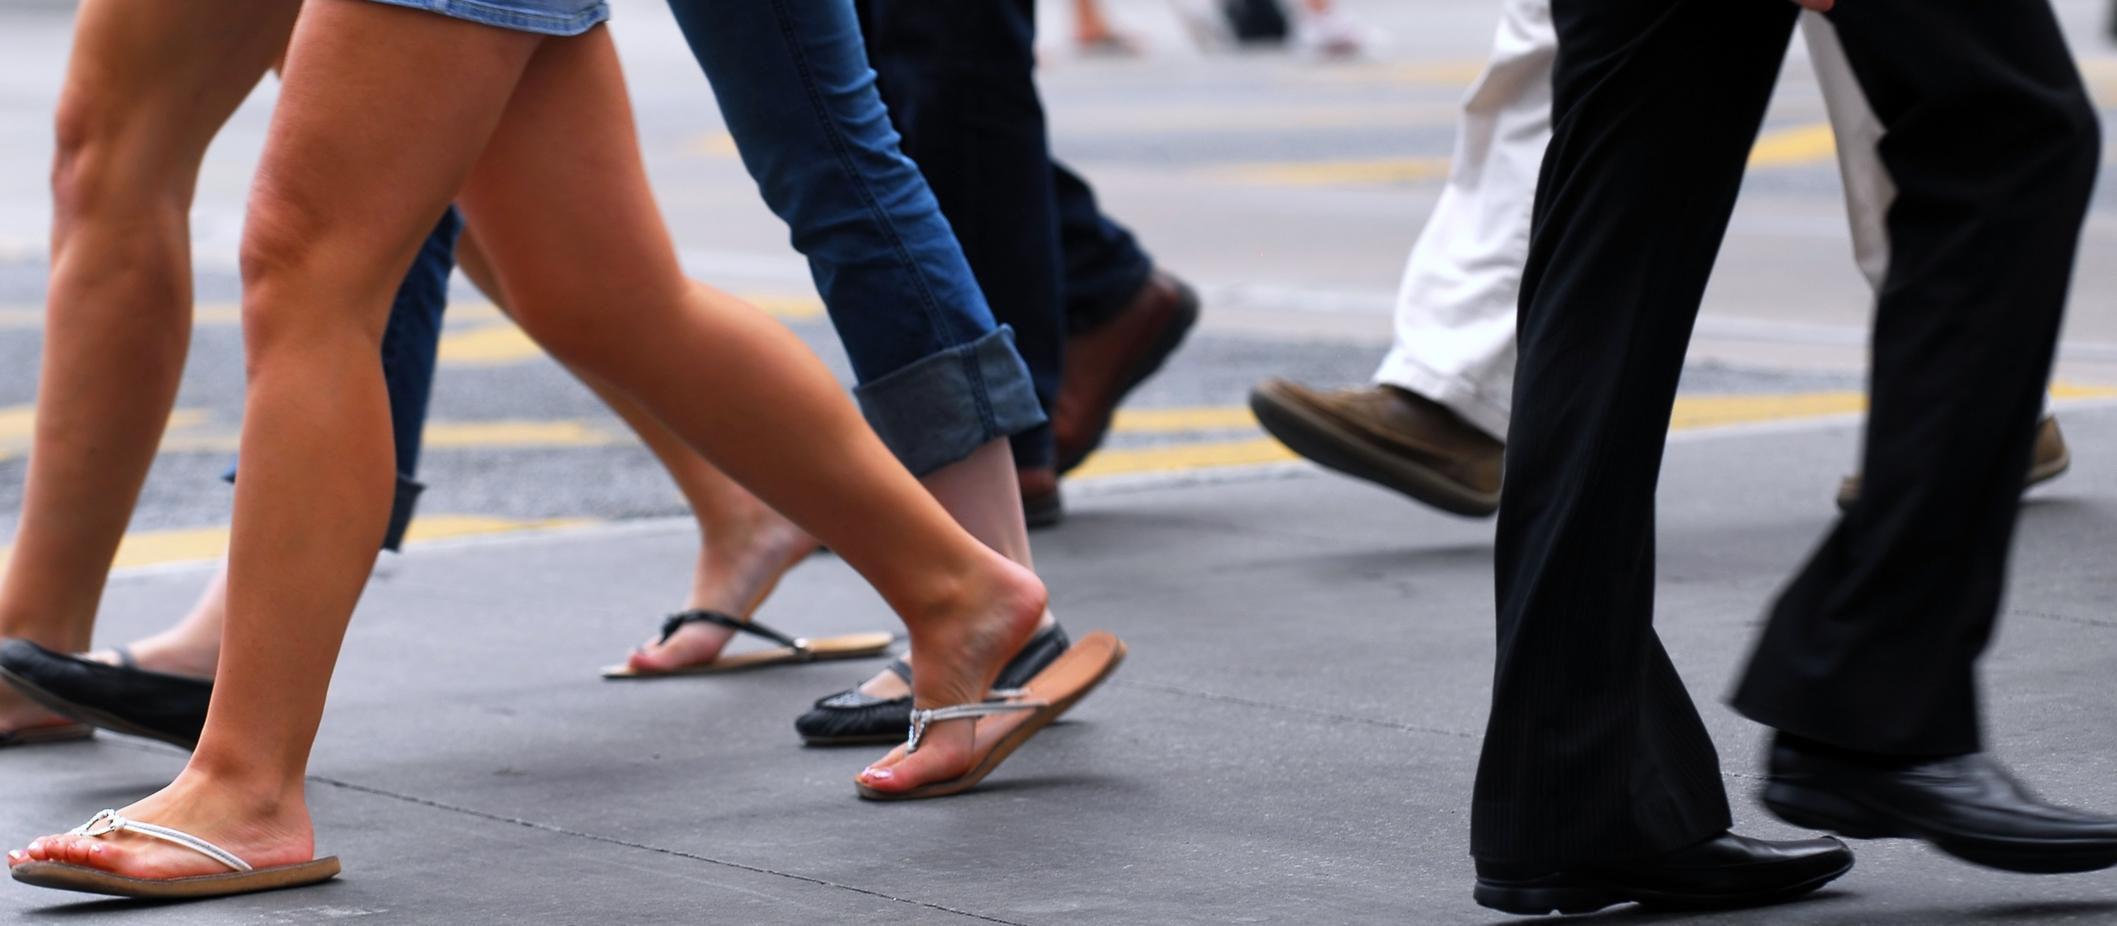 ¿A dónde vas con tus pies?